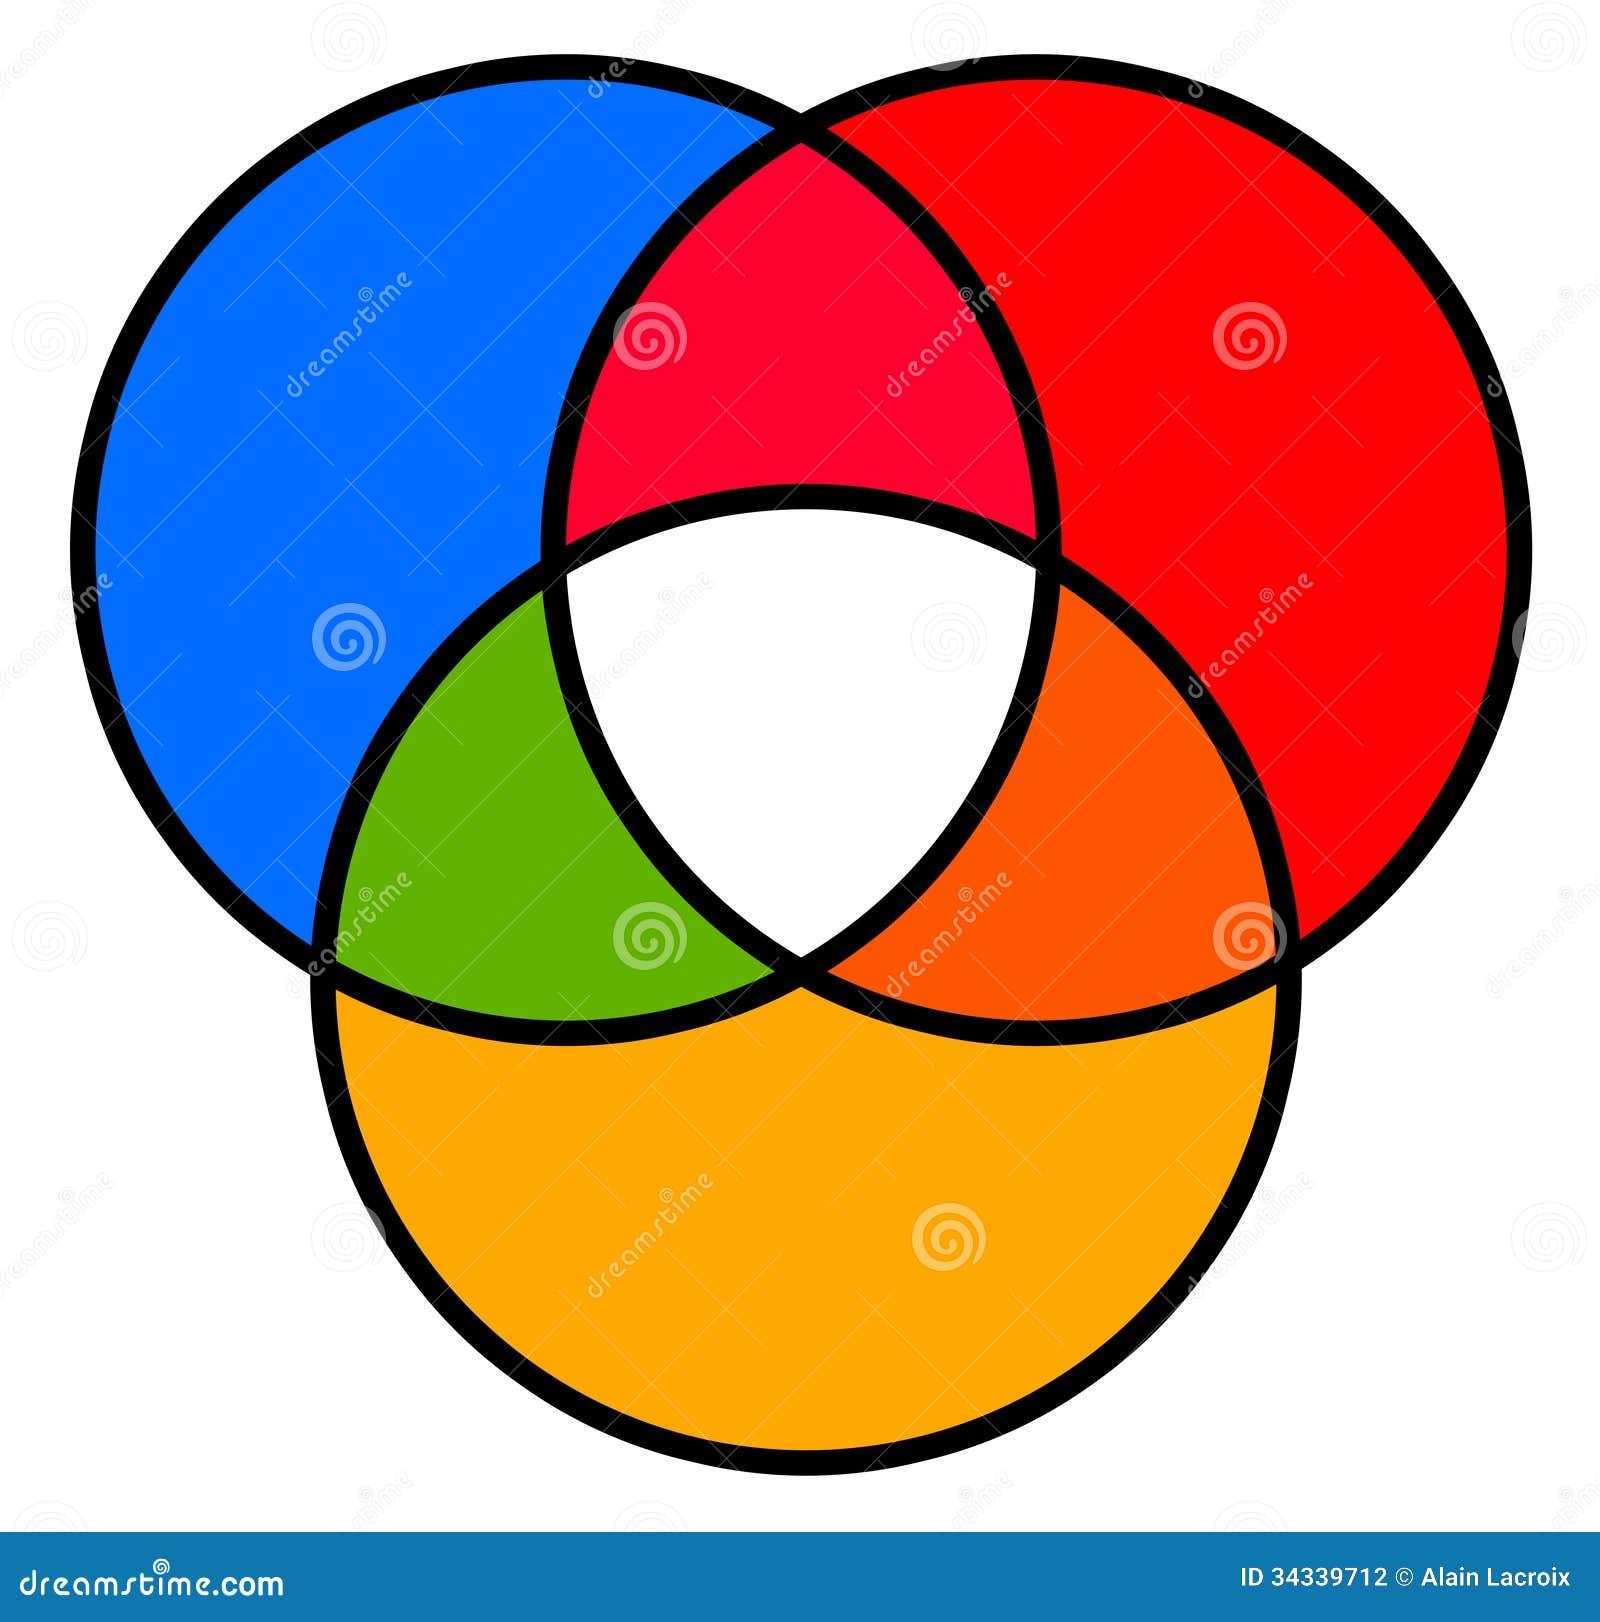 Eulero on feedyeti diagrama de venn 34339712 feedyeti ccuart Choice Image